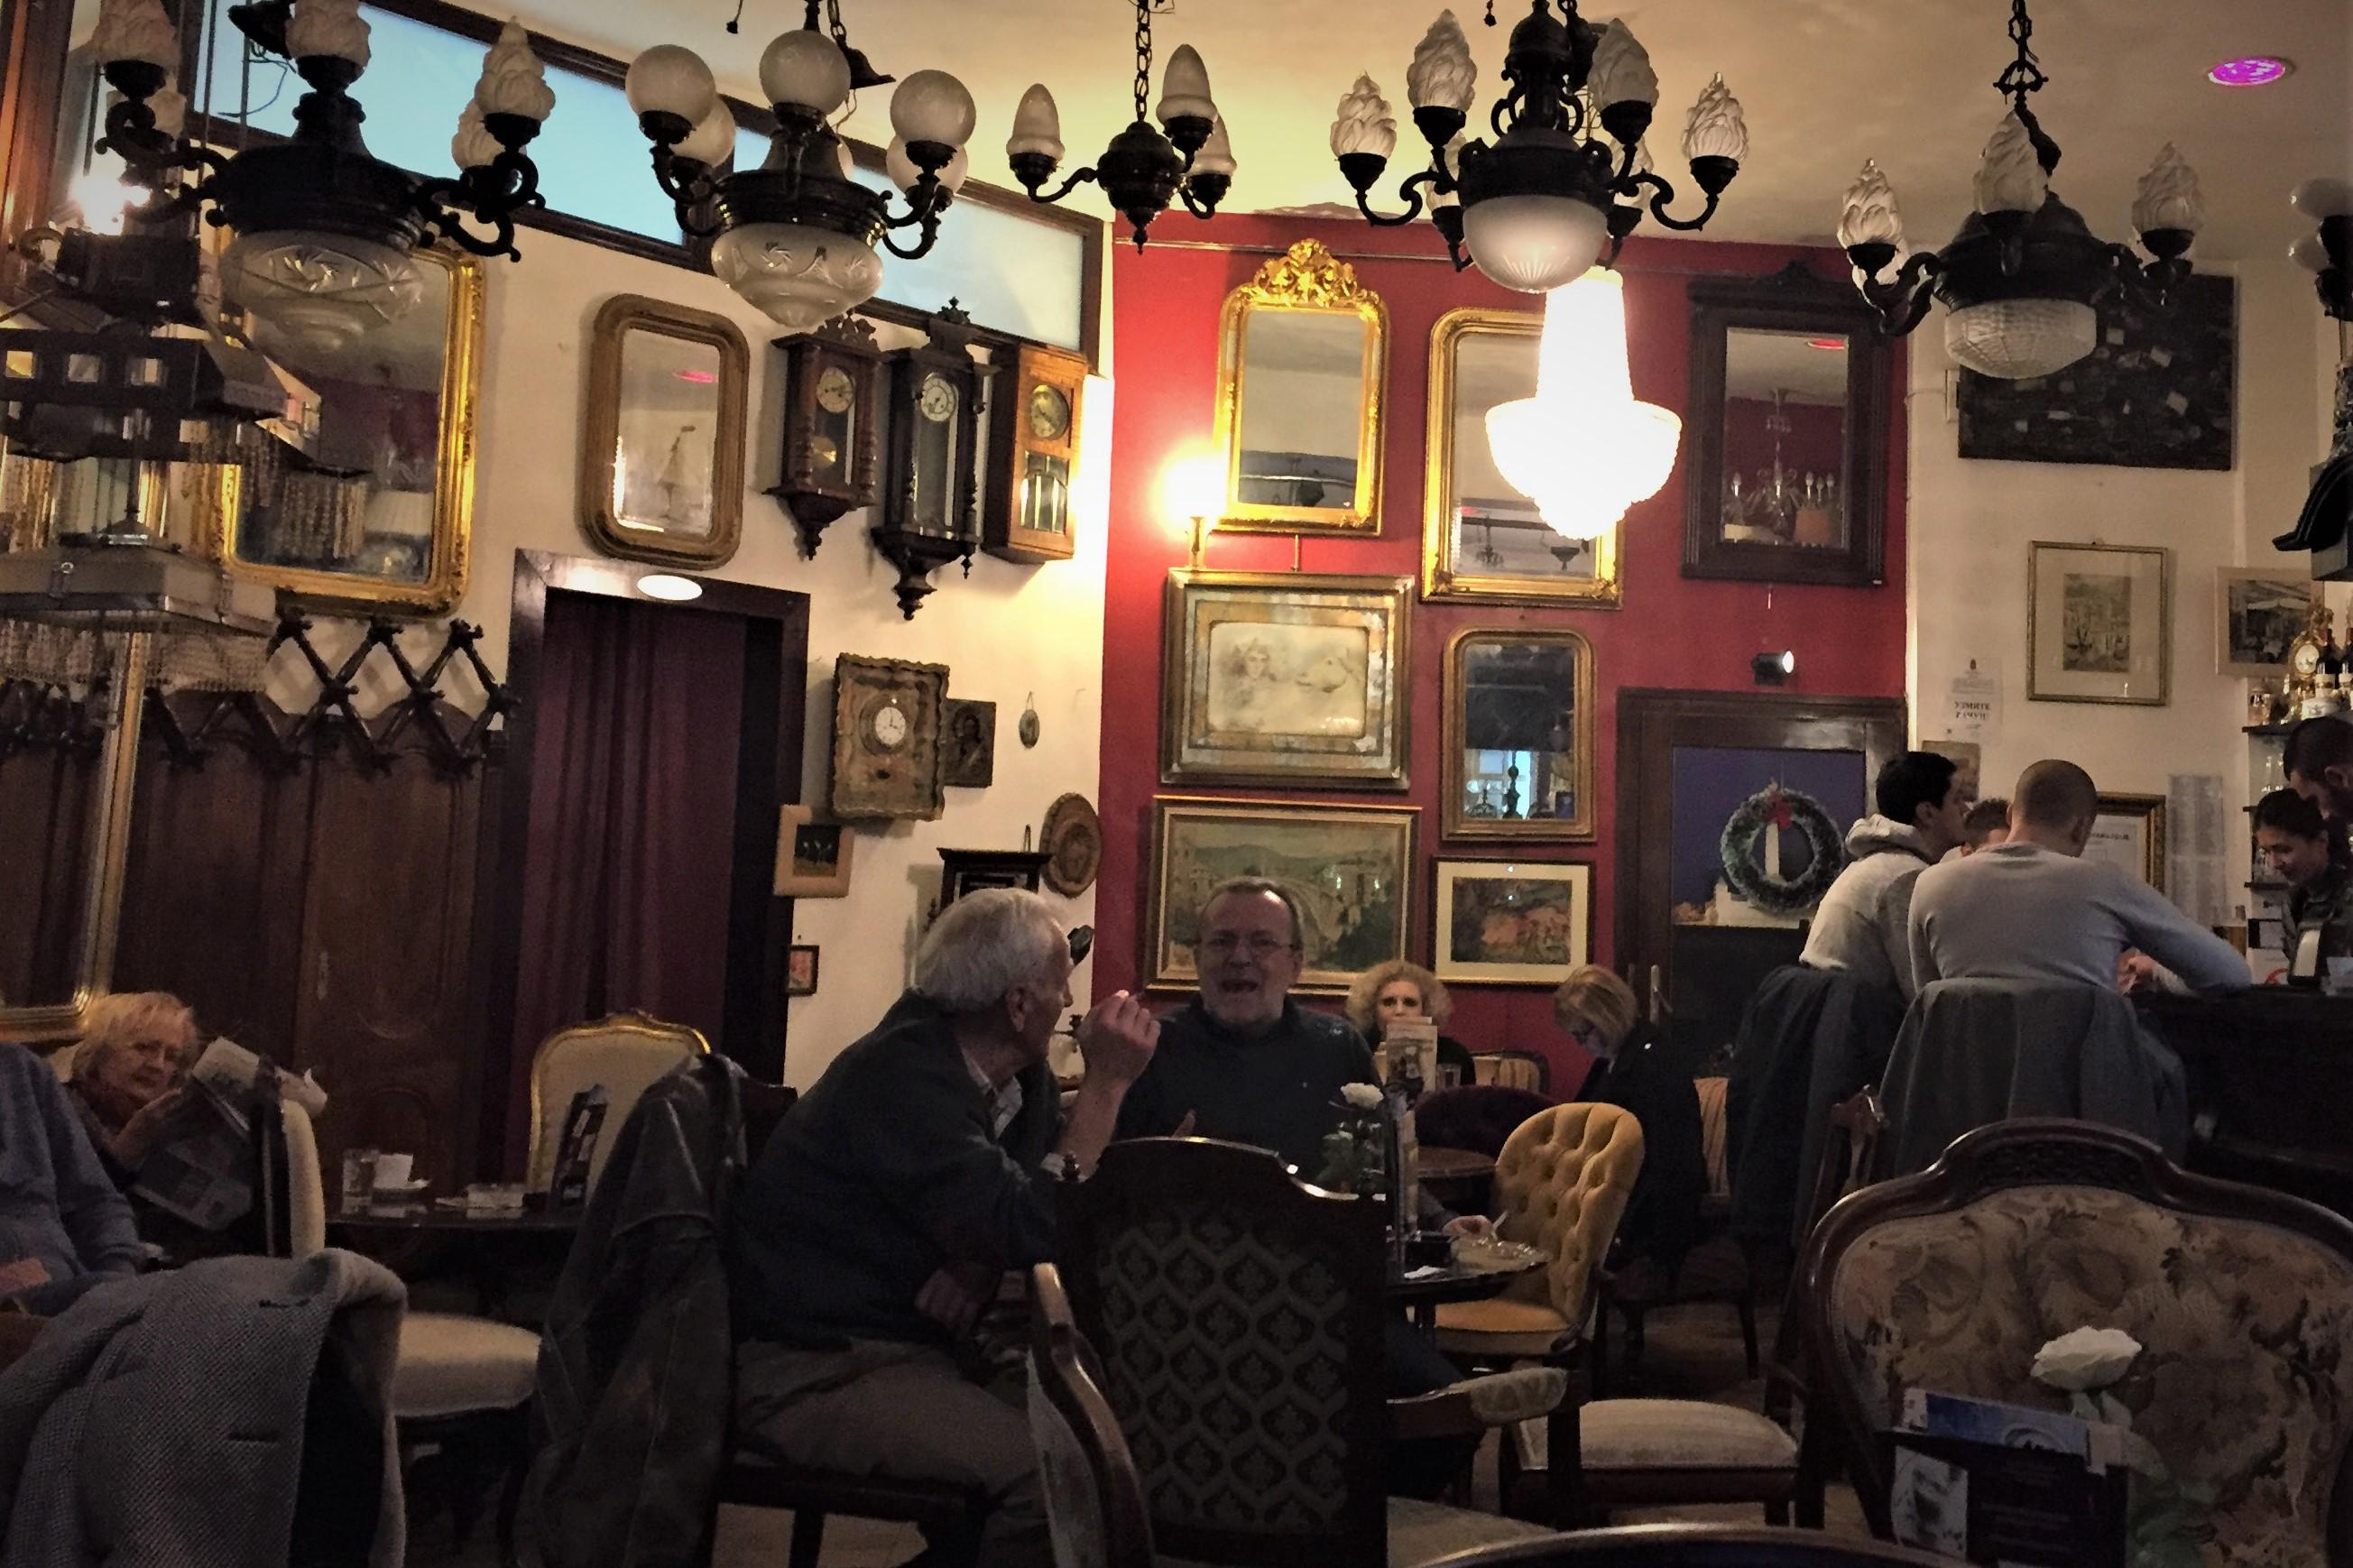 Charmantes Café mit vielen Antiquitäten und Technosound.